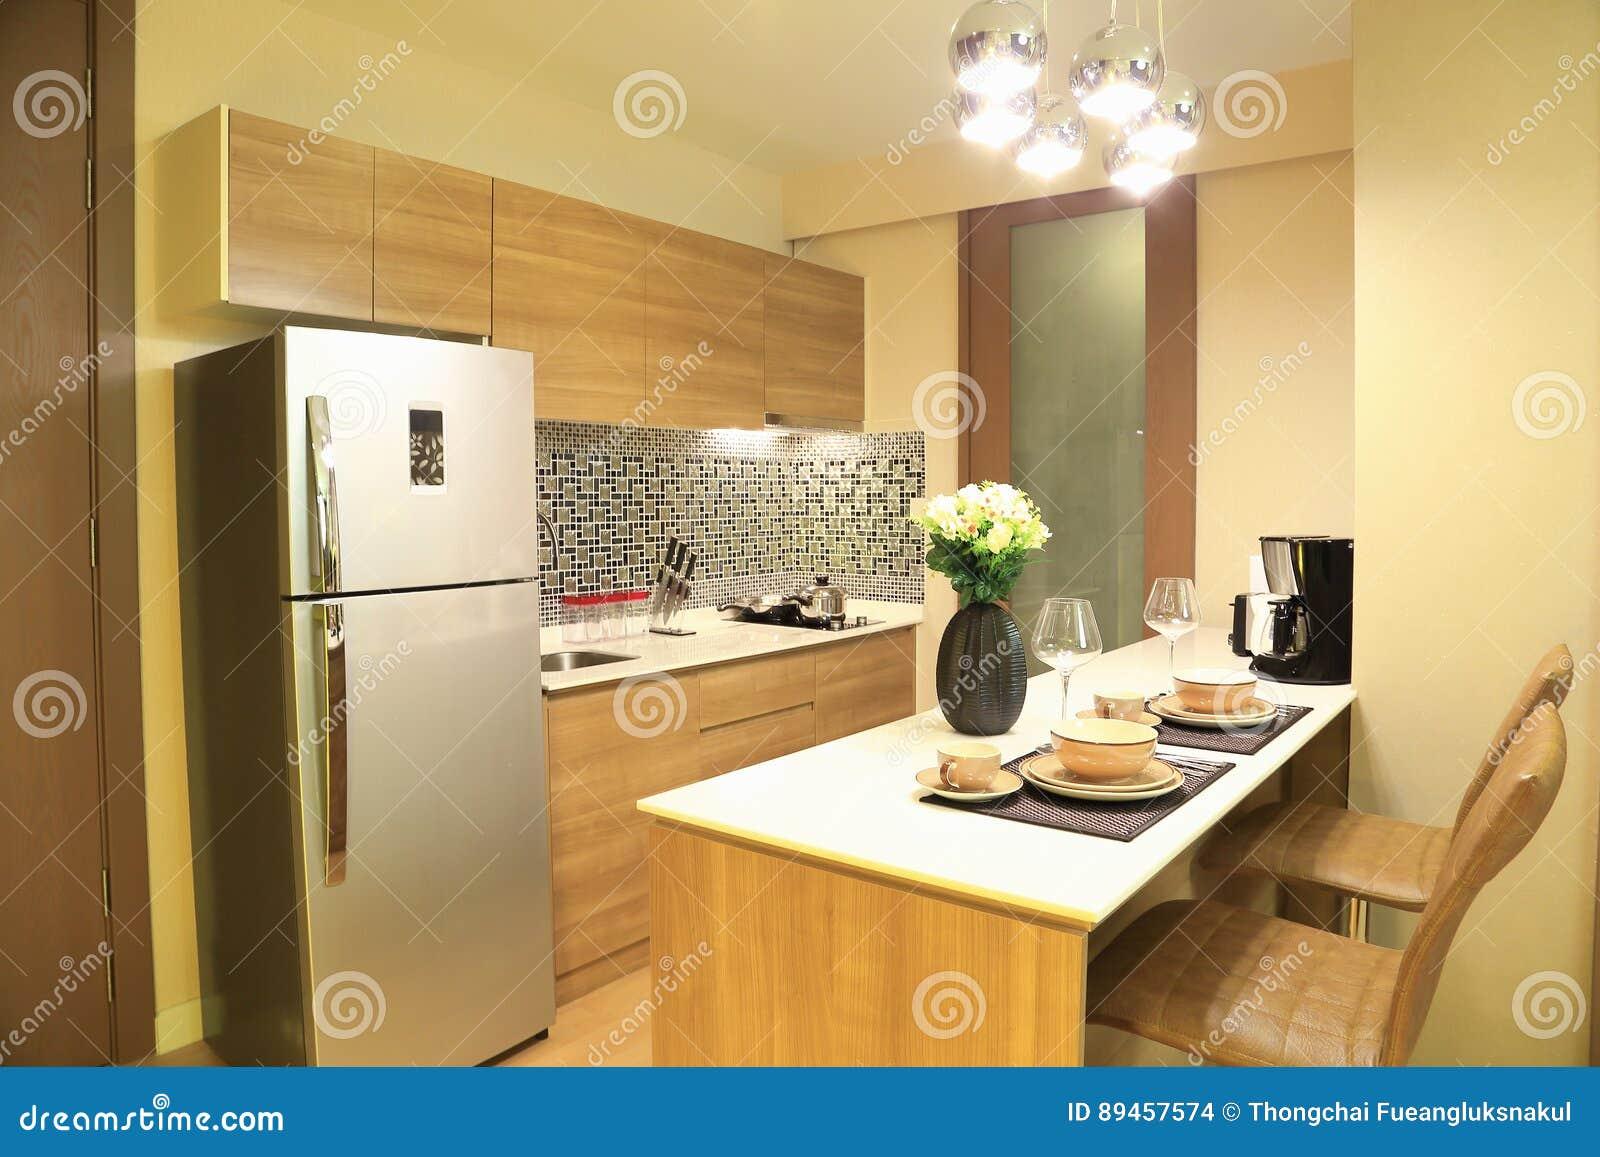 Grże brzmienie luksusowy wnętrze projekt kuchnia w kondominium